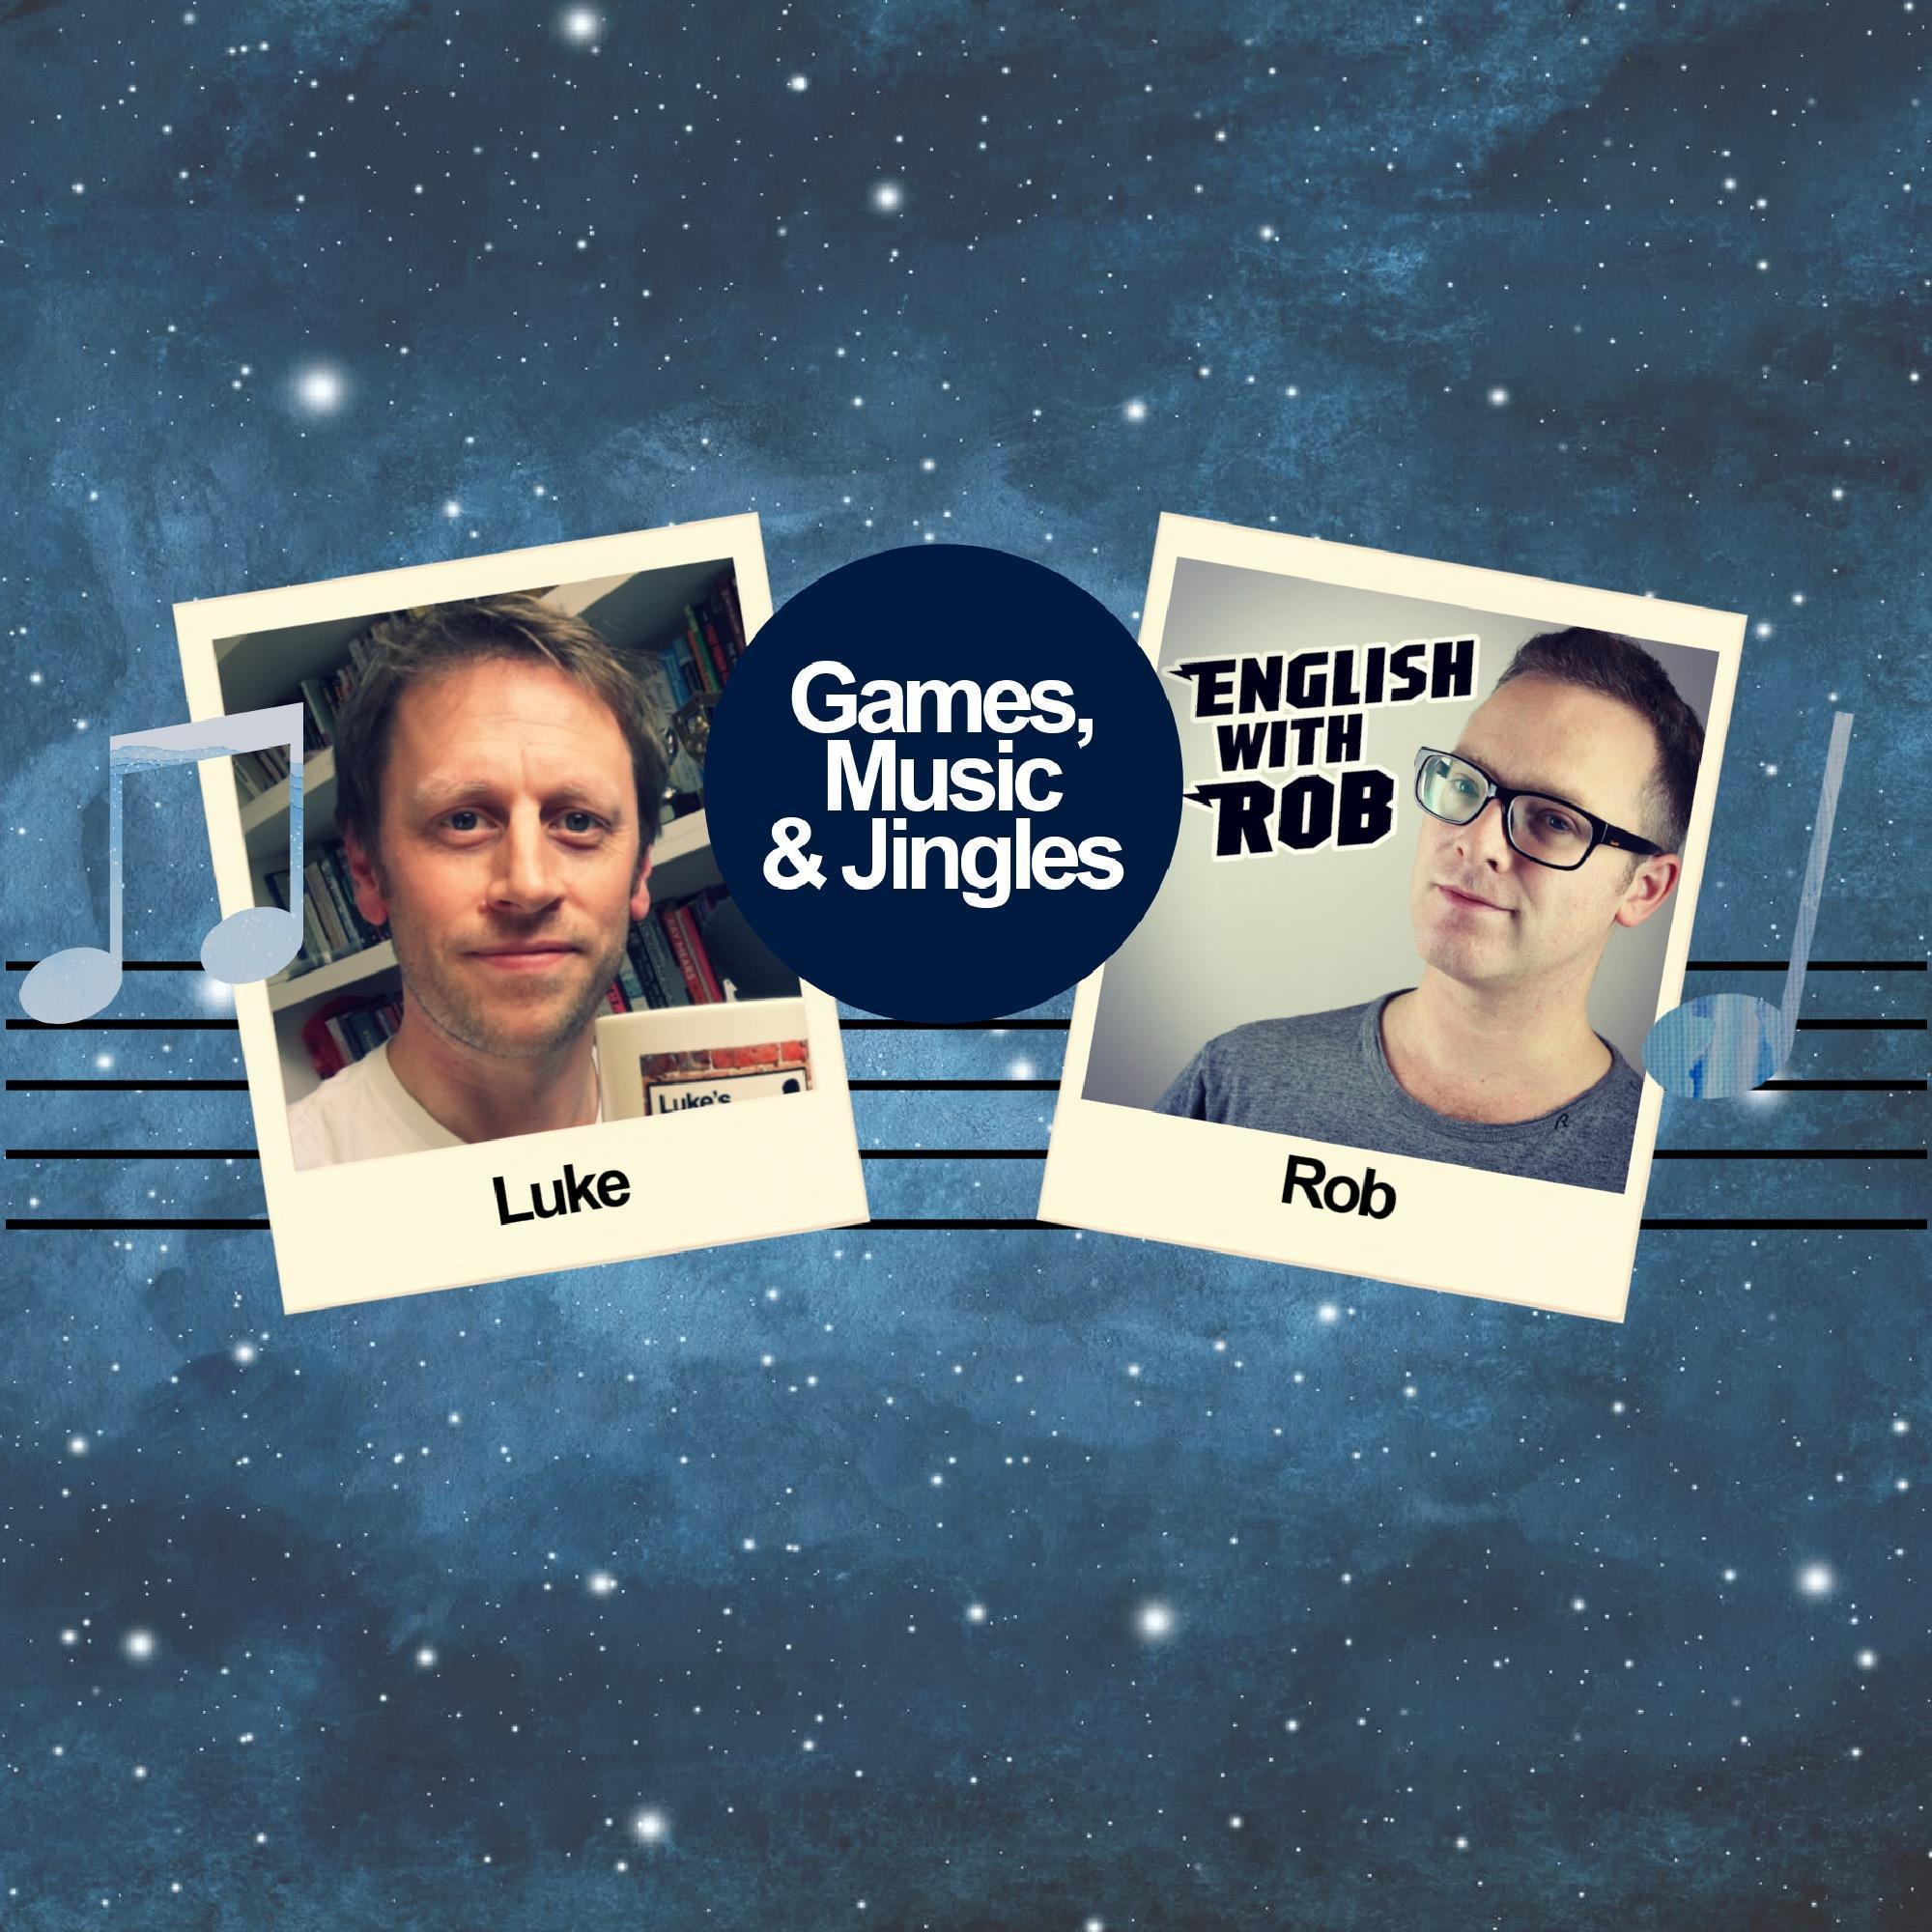 728. English with Rob / Games, Music & Jingles